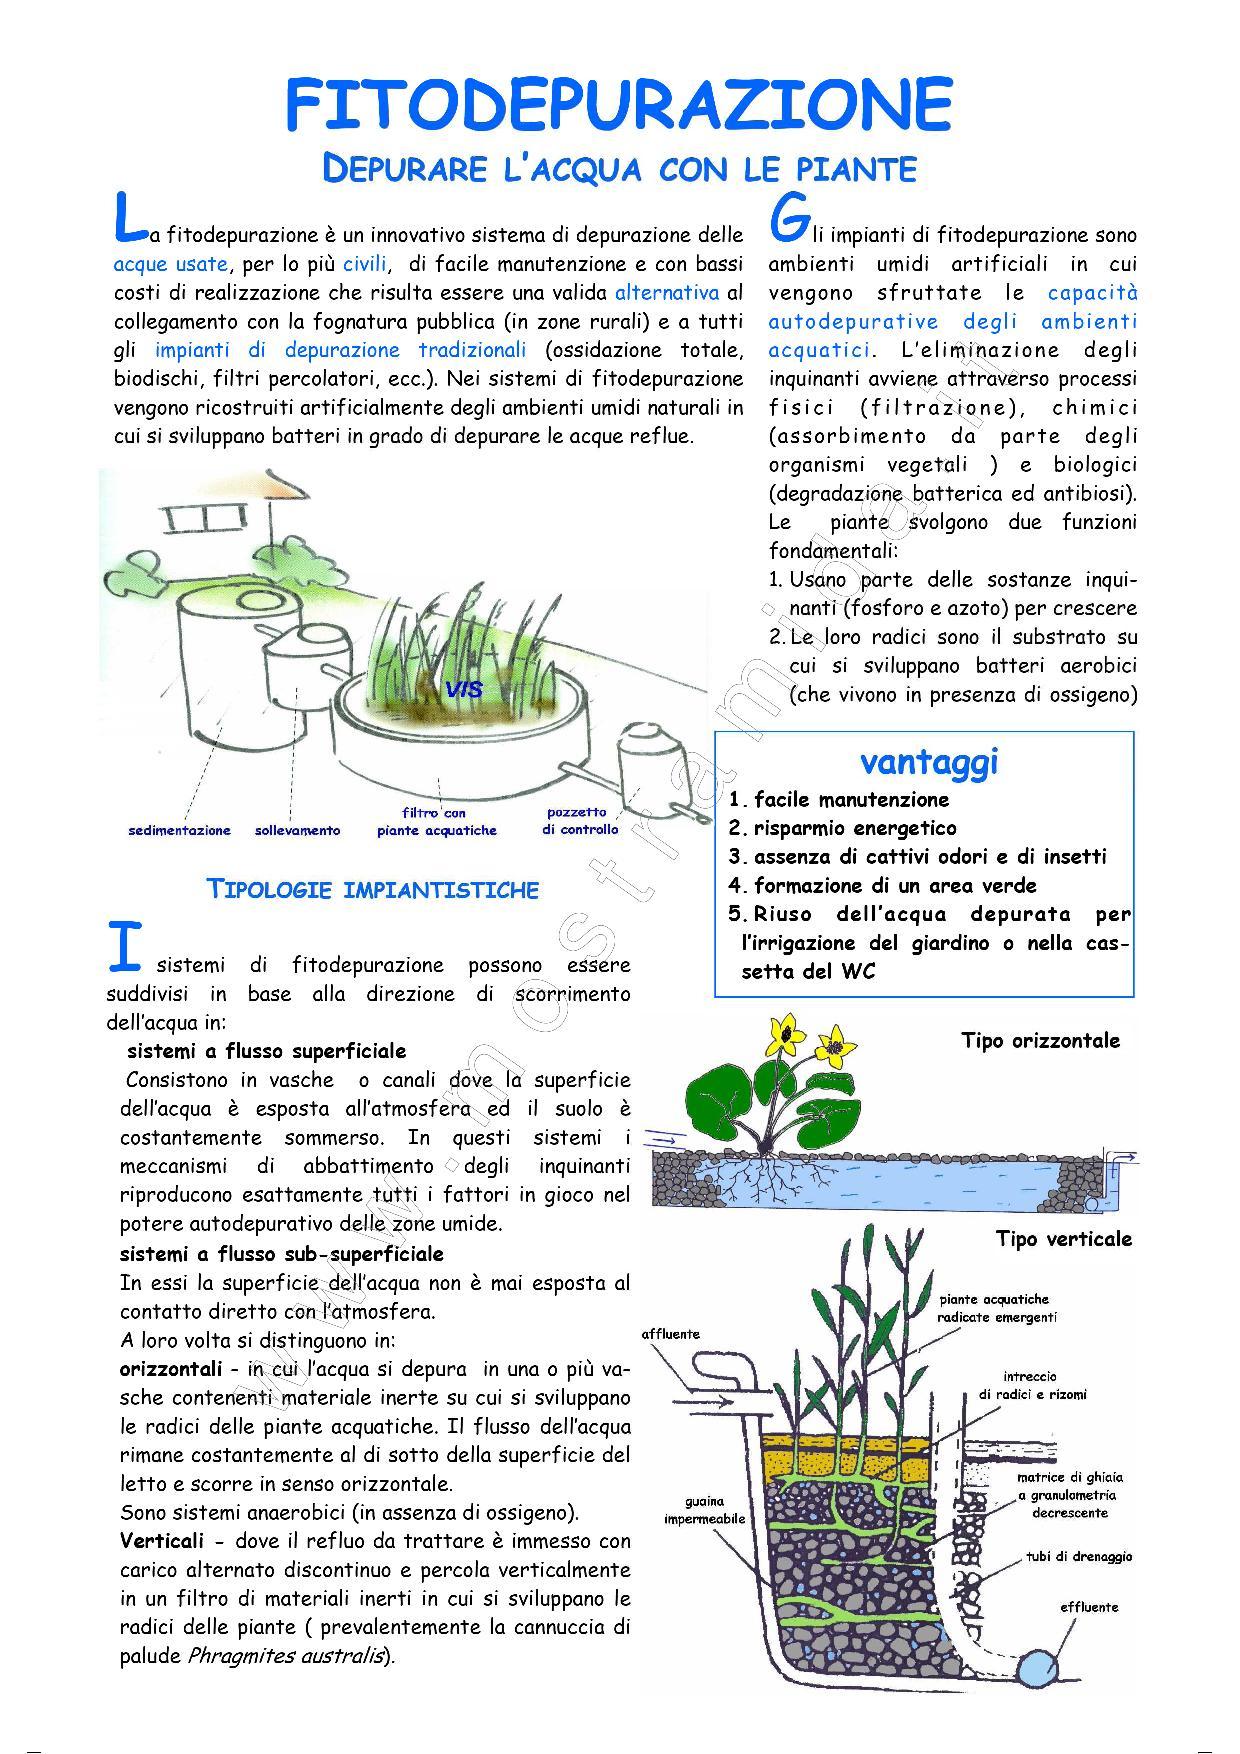 MIDA - Fitodepurazione, depurazione dell'acqua